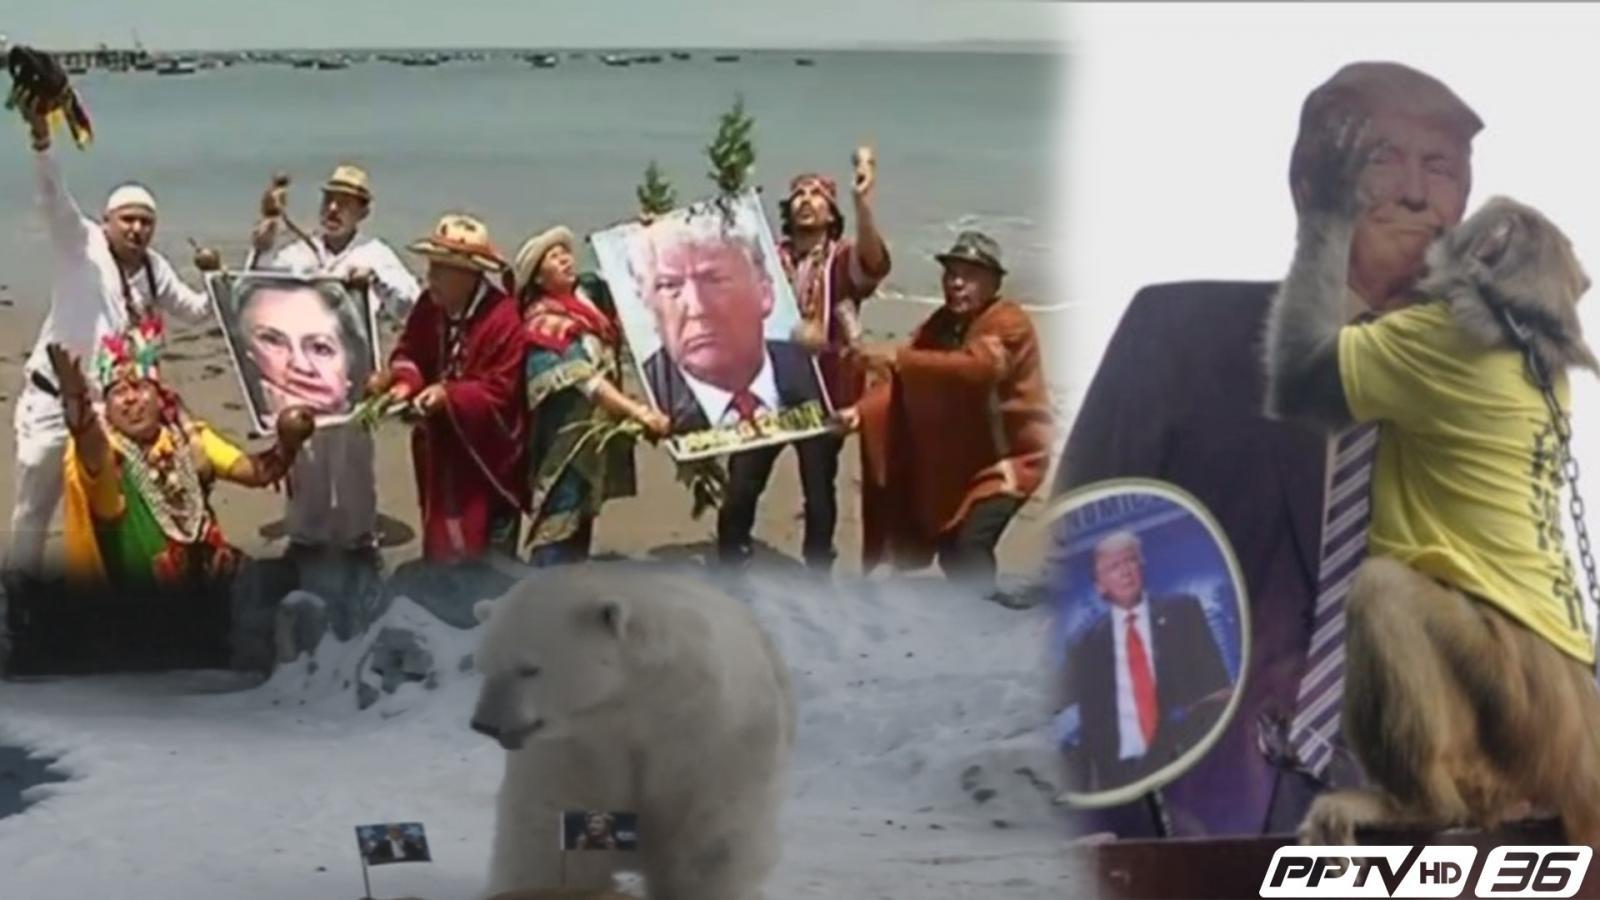 หมอผีเปรู เงิบ! ทาย คลินตัน นั่งเก้าอี้ปธน.สหรัฐฯ ขณะที่ลิงจีน-หมีขาว เข้าวิน